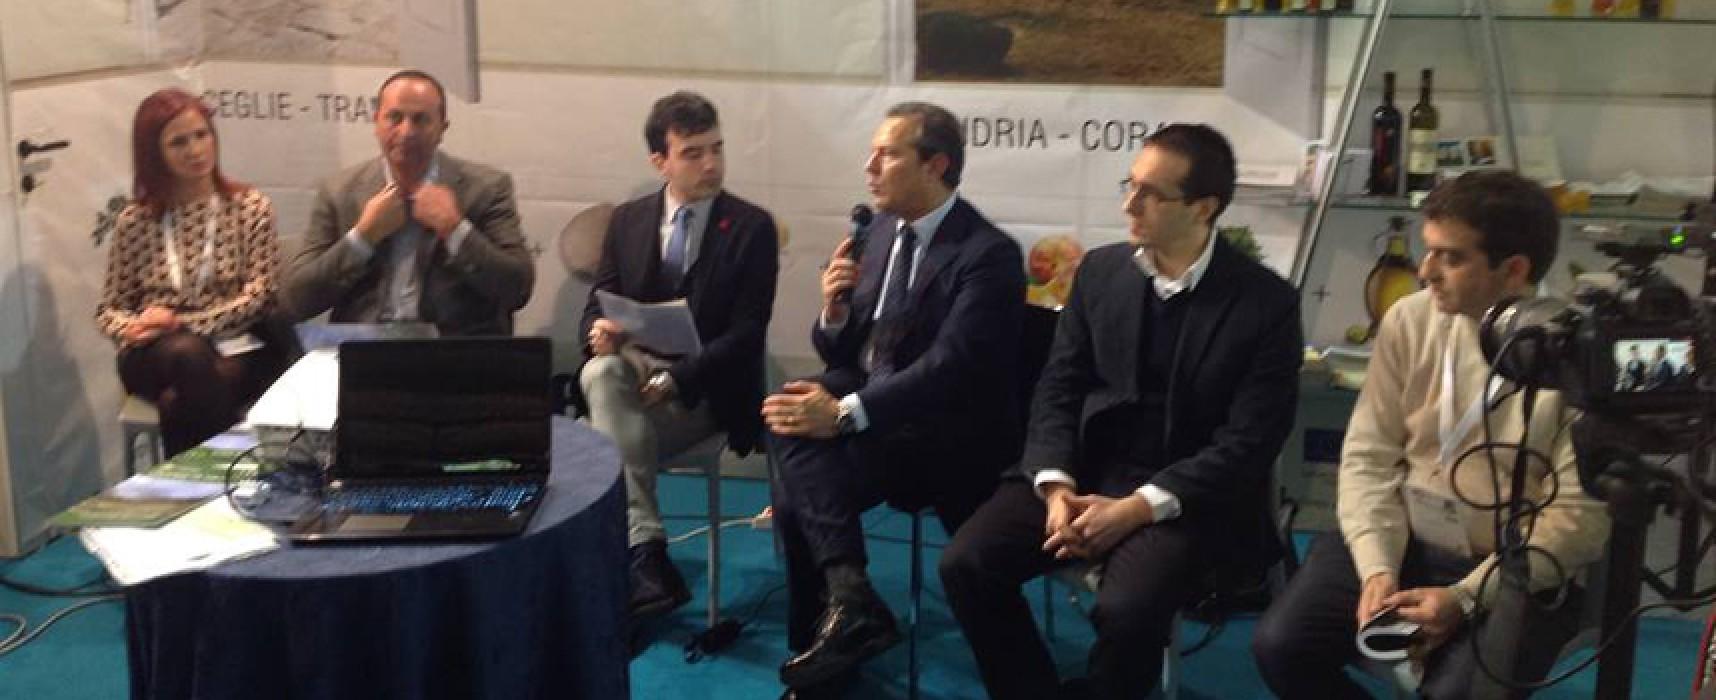 BIT 2015, quali sono i reali risultati della partecipazione del territorio alla Borsa Internazionale del Turismo?